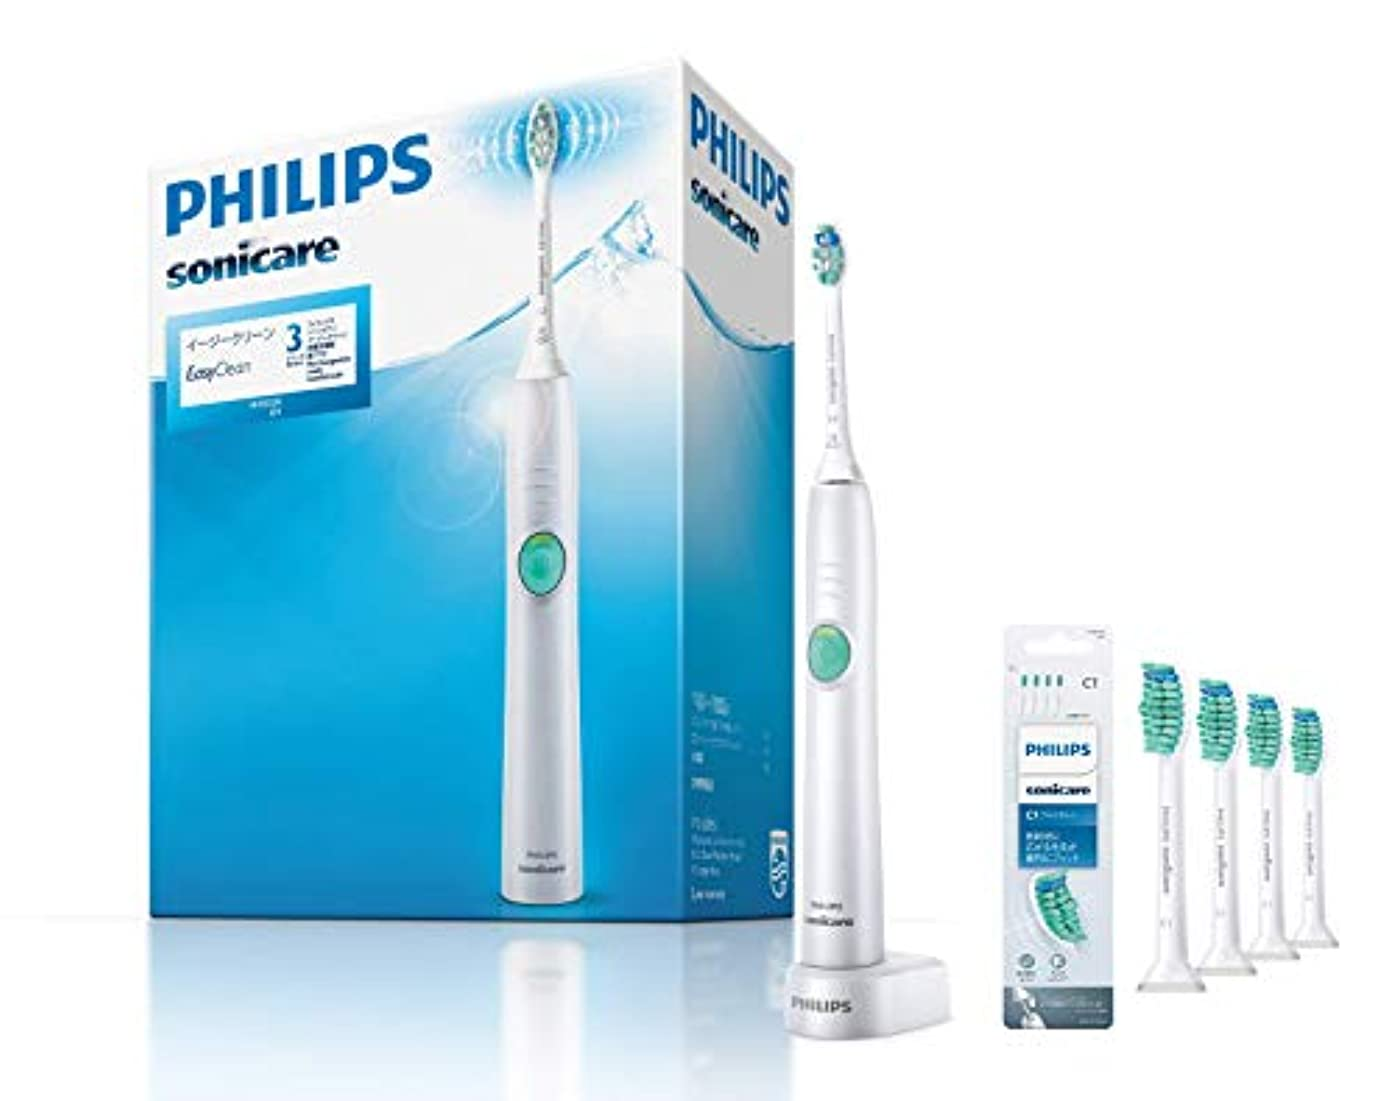 満足させるアクセス政治的フィリップス ソニッケアー イージークリーン 電動歯ブラシ ホワイト HX6551/01 + (正規品) 替えブラシ レギュラーサイズ 4本組 HX6014/63